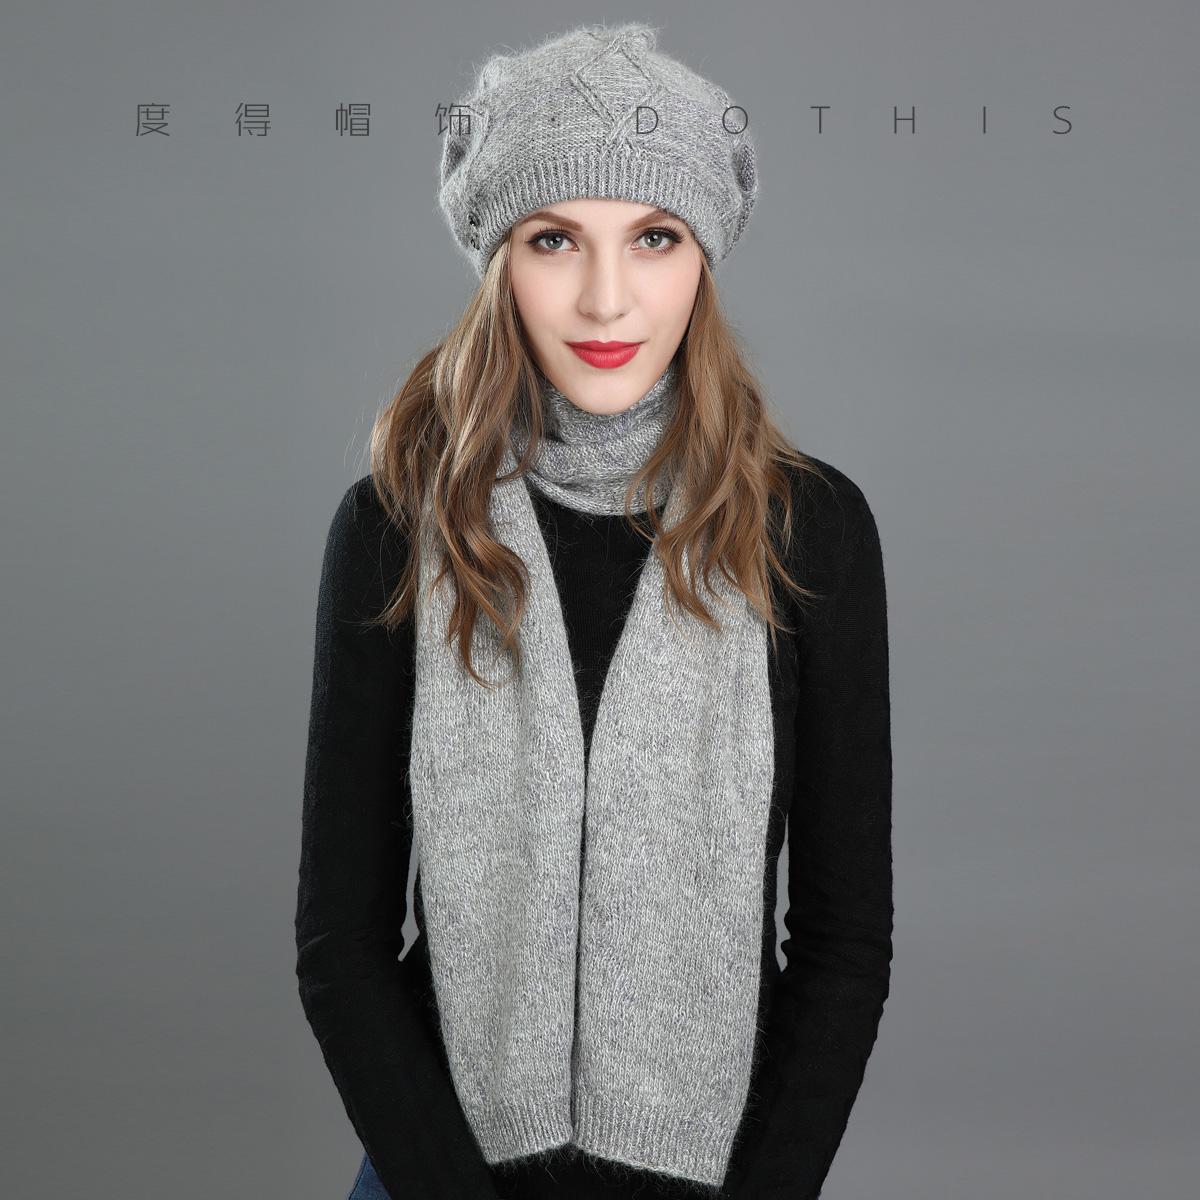 帽子女韩版冬季潮新款毛线帽围巾两件套时尚百搭针织帽韩国妈妈帽